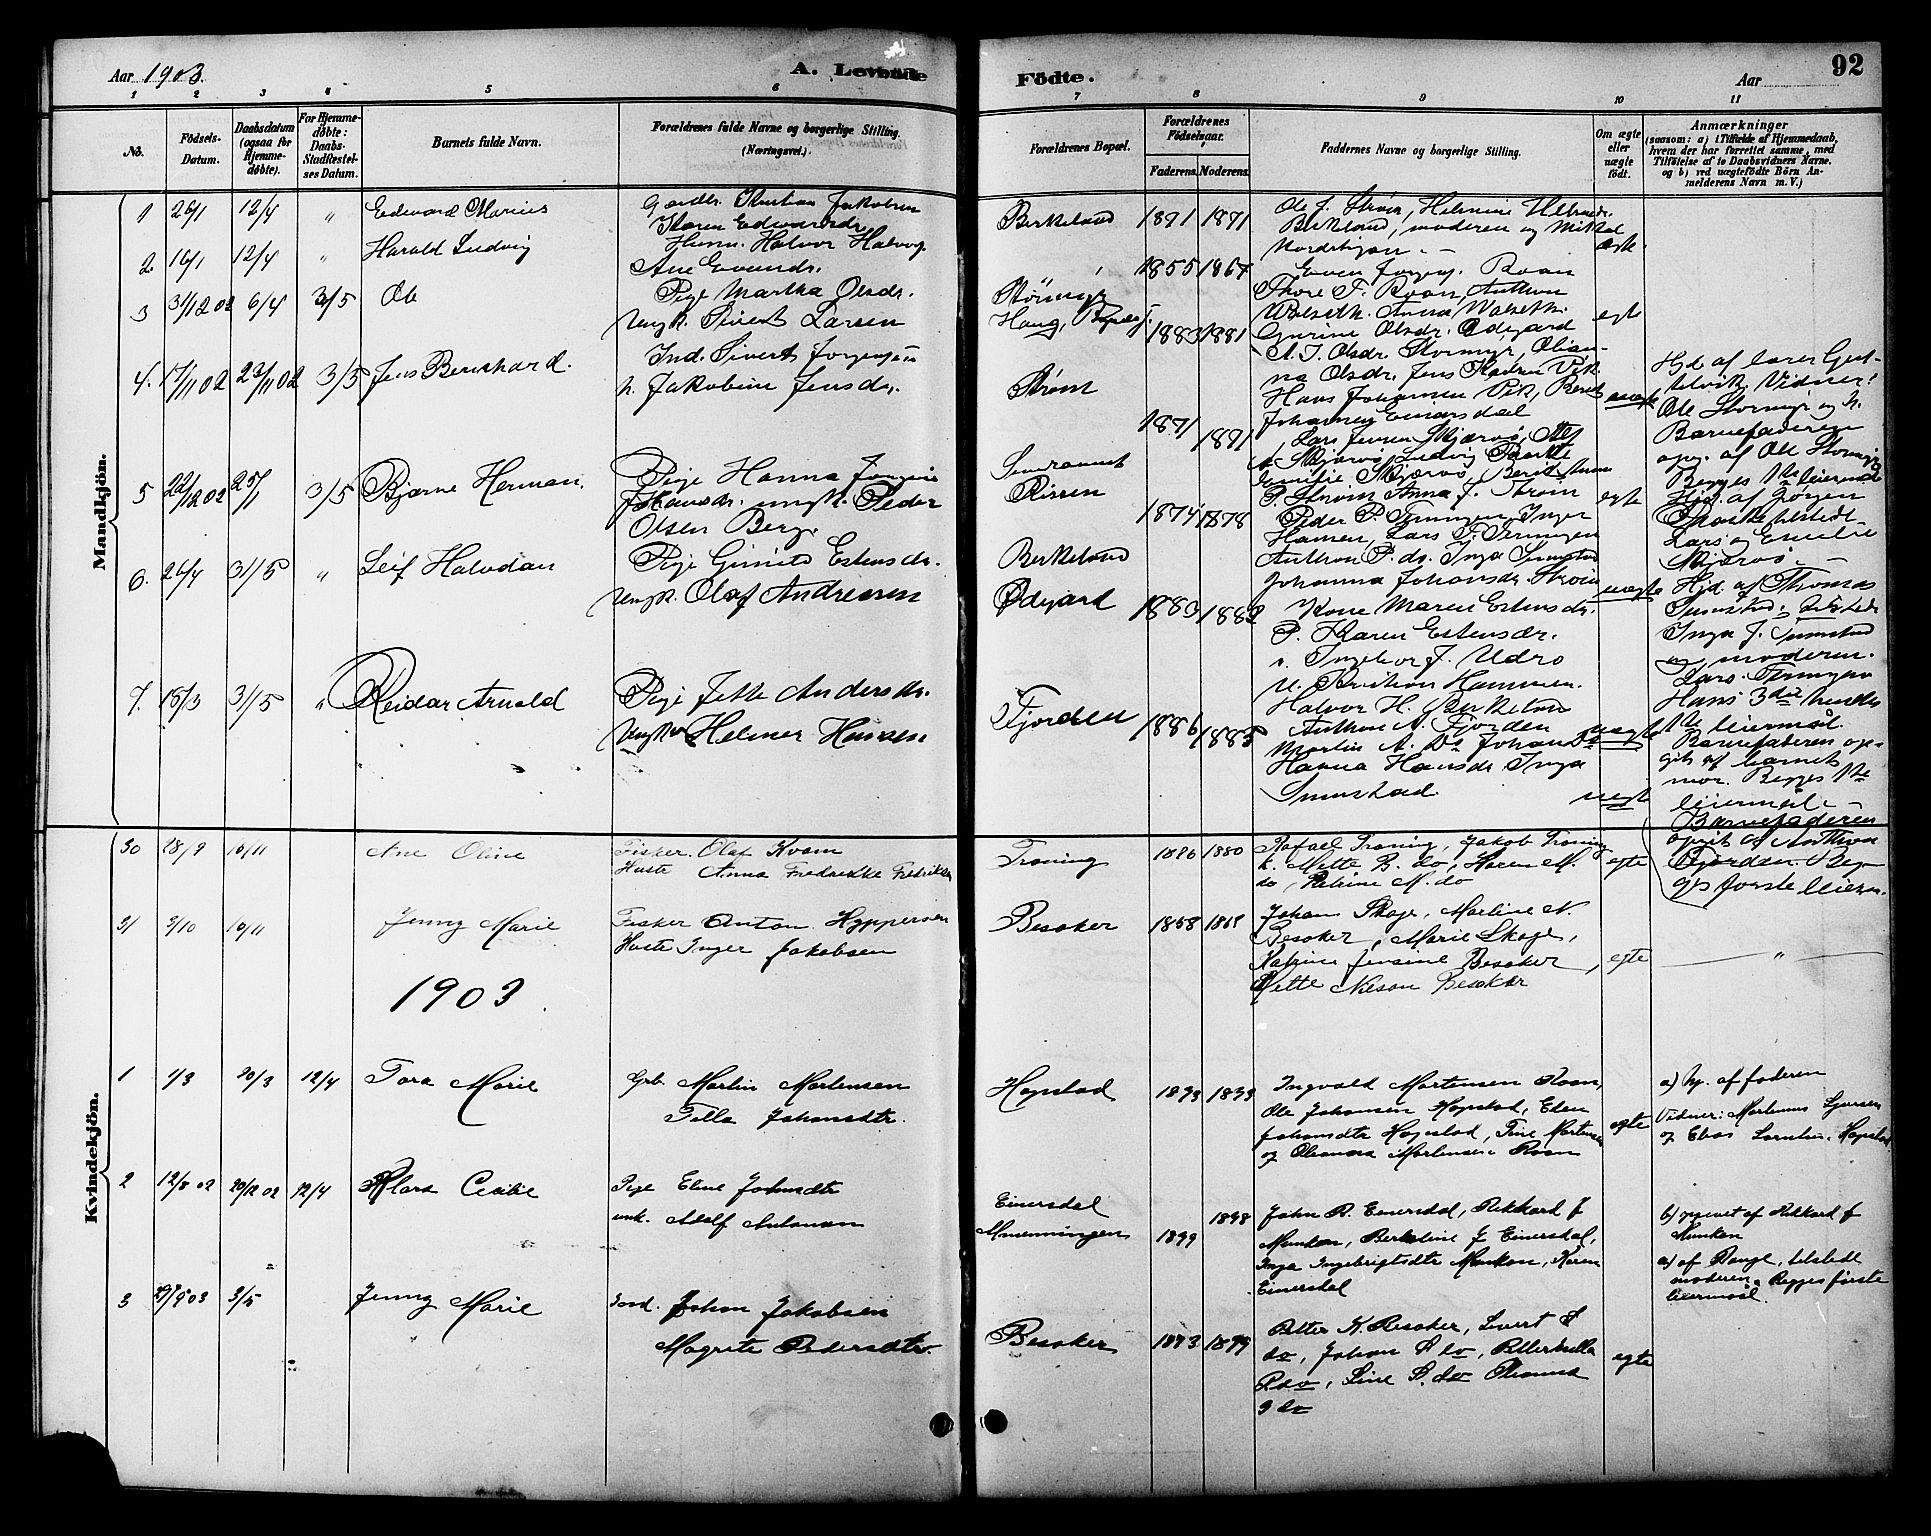 SAT, Ministerialprotokoller, klokkerbøker og fødselsregistre - Sør-Trøndelag, 657/L0716: Klokkerbok nr. 657C03, 1889-1904, s. 92